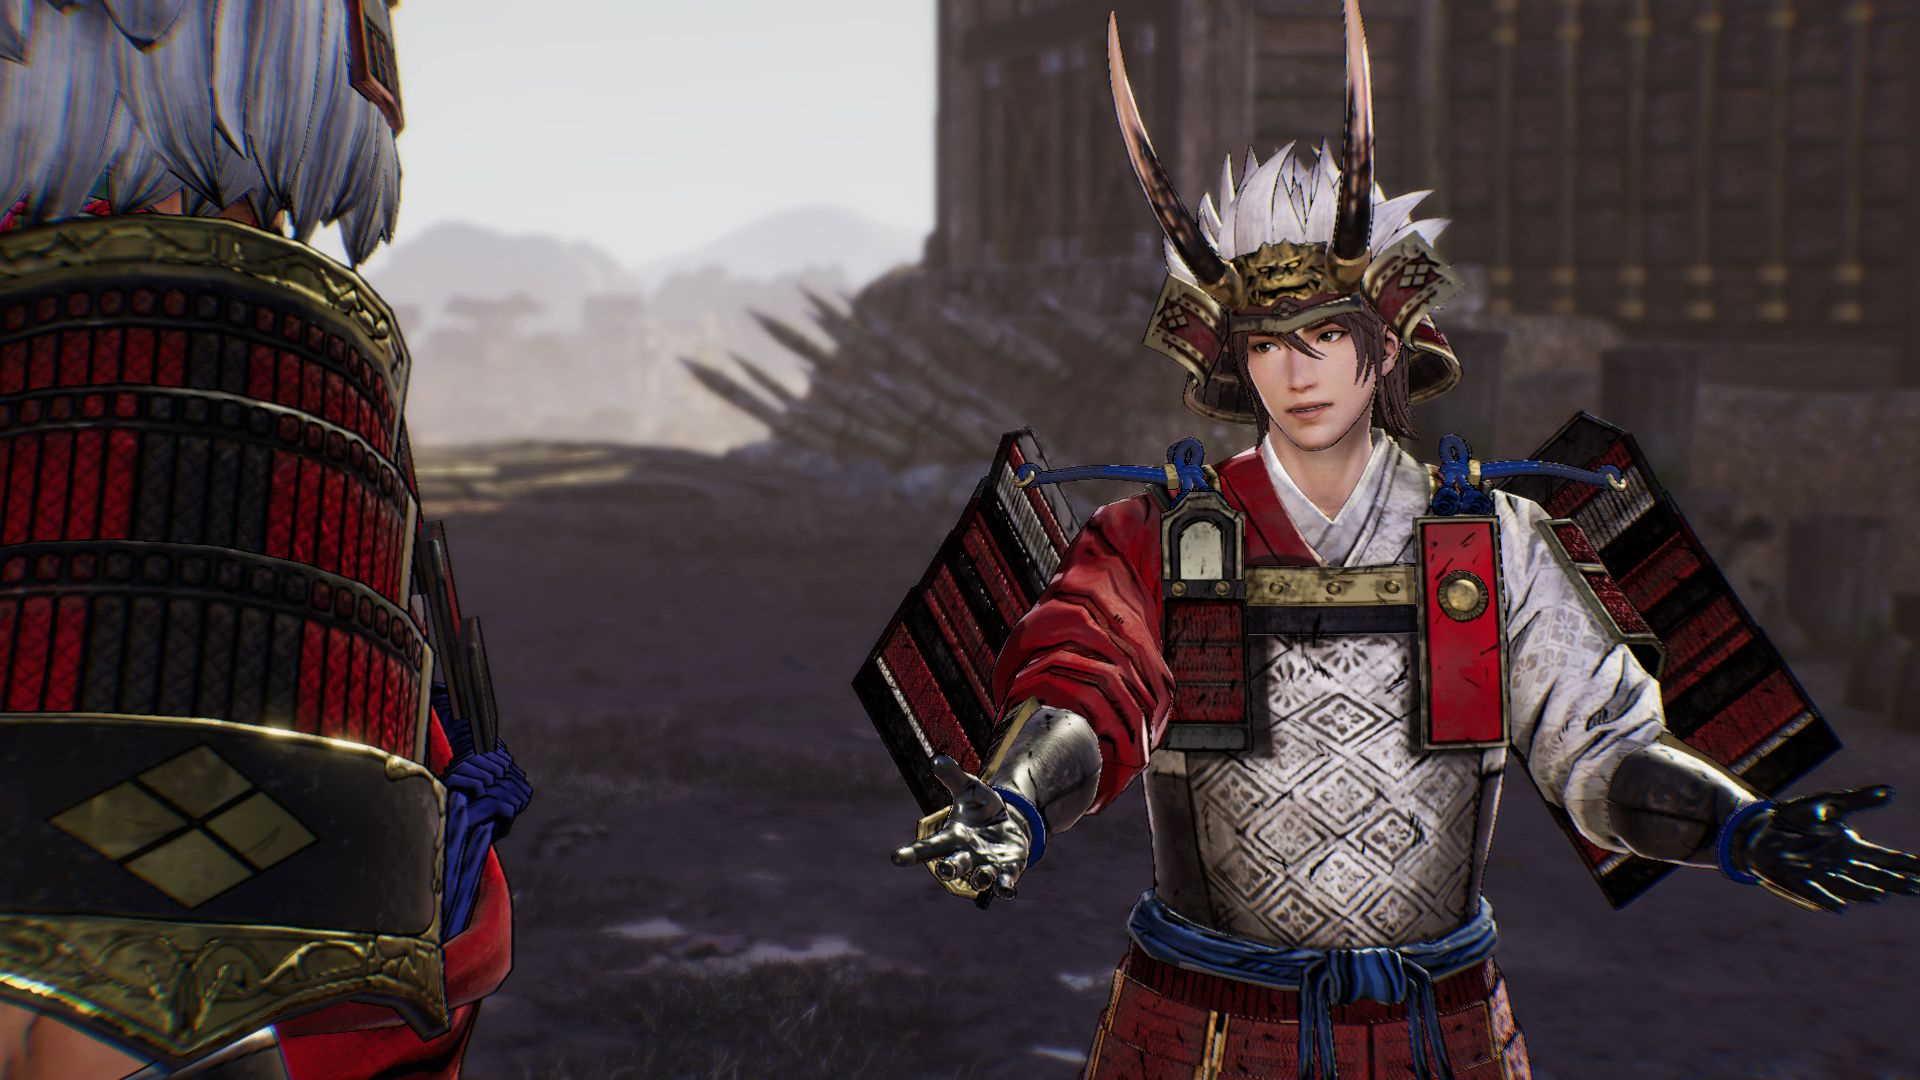 Samurai Warriors 5: A new art style